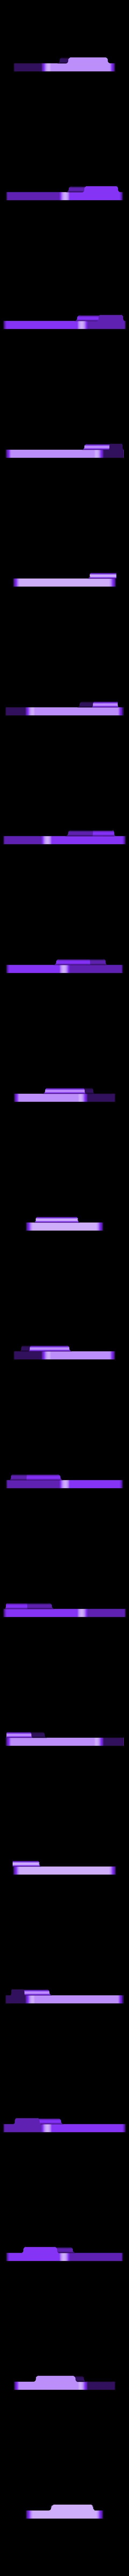 Lid - Part 1.stl Télécharger fichier STL gratuit Capteur de faux-rond du filament (roulement à billes) • Design pour impression 3D, KrisCubed